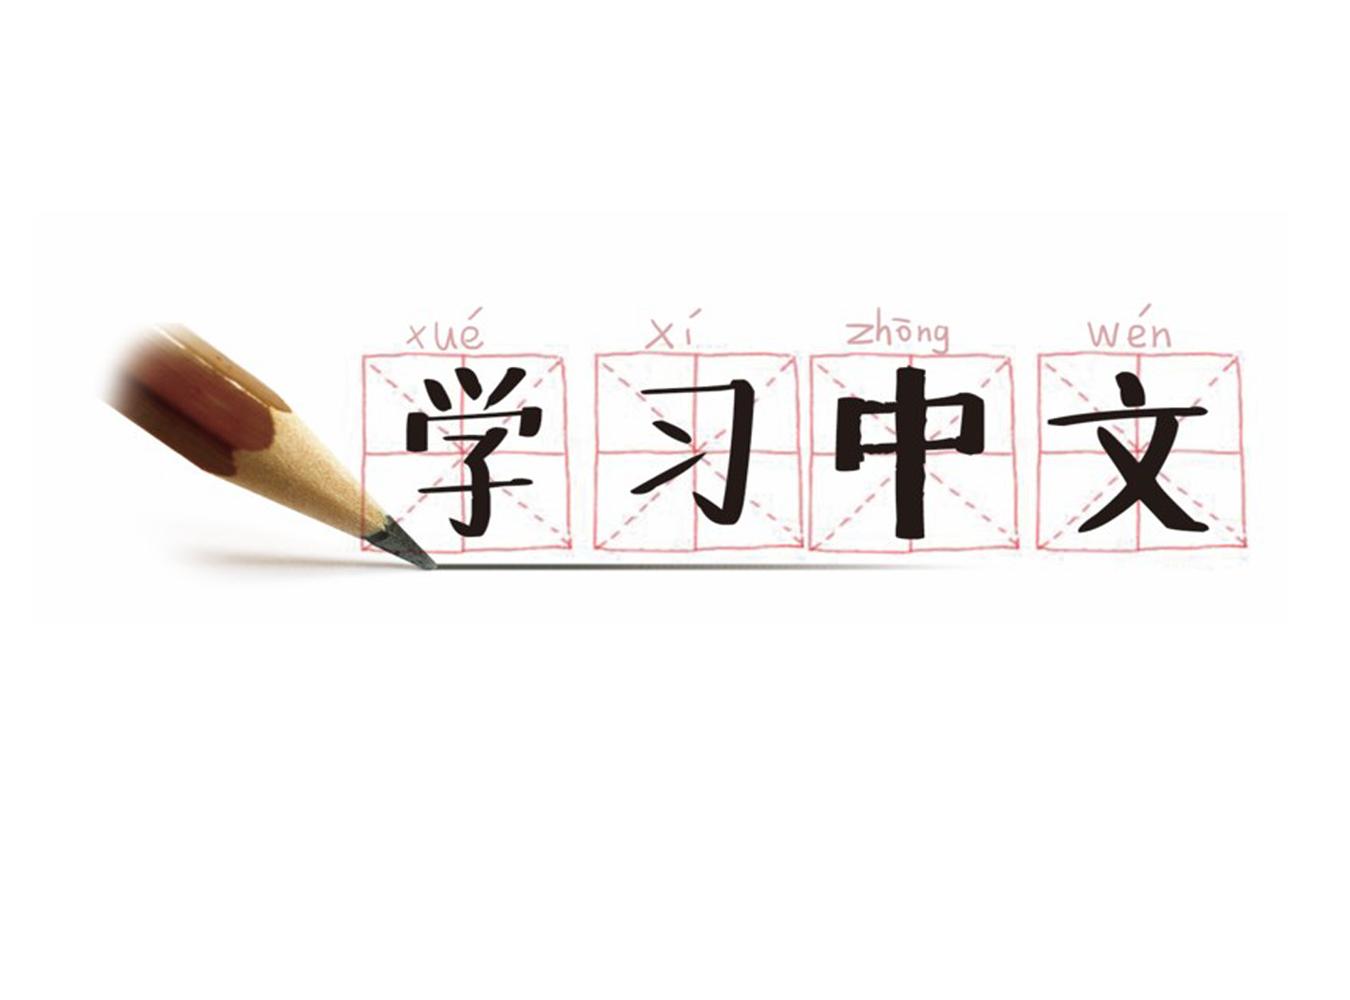 Trung tâm dạy Tiếng Trung uy tín